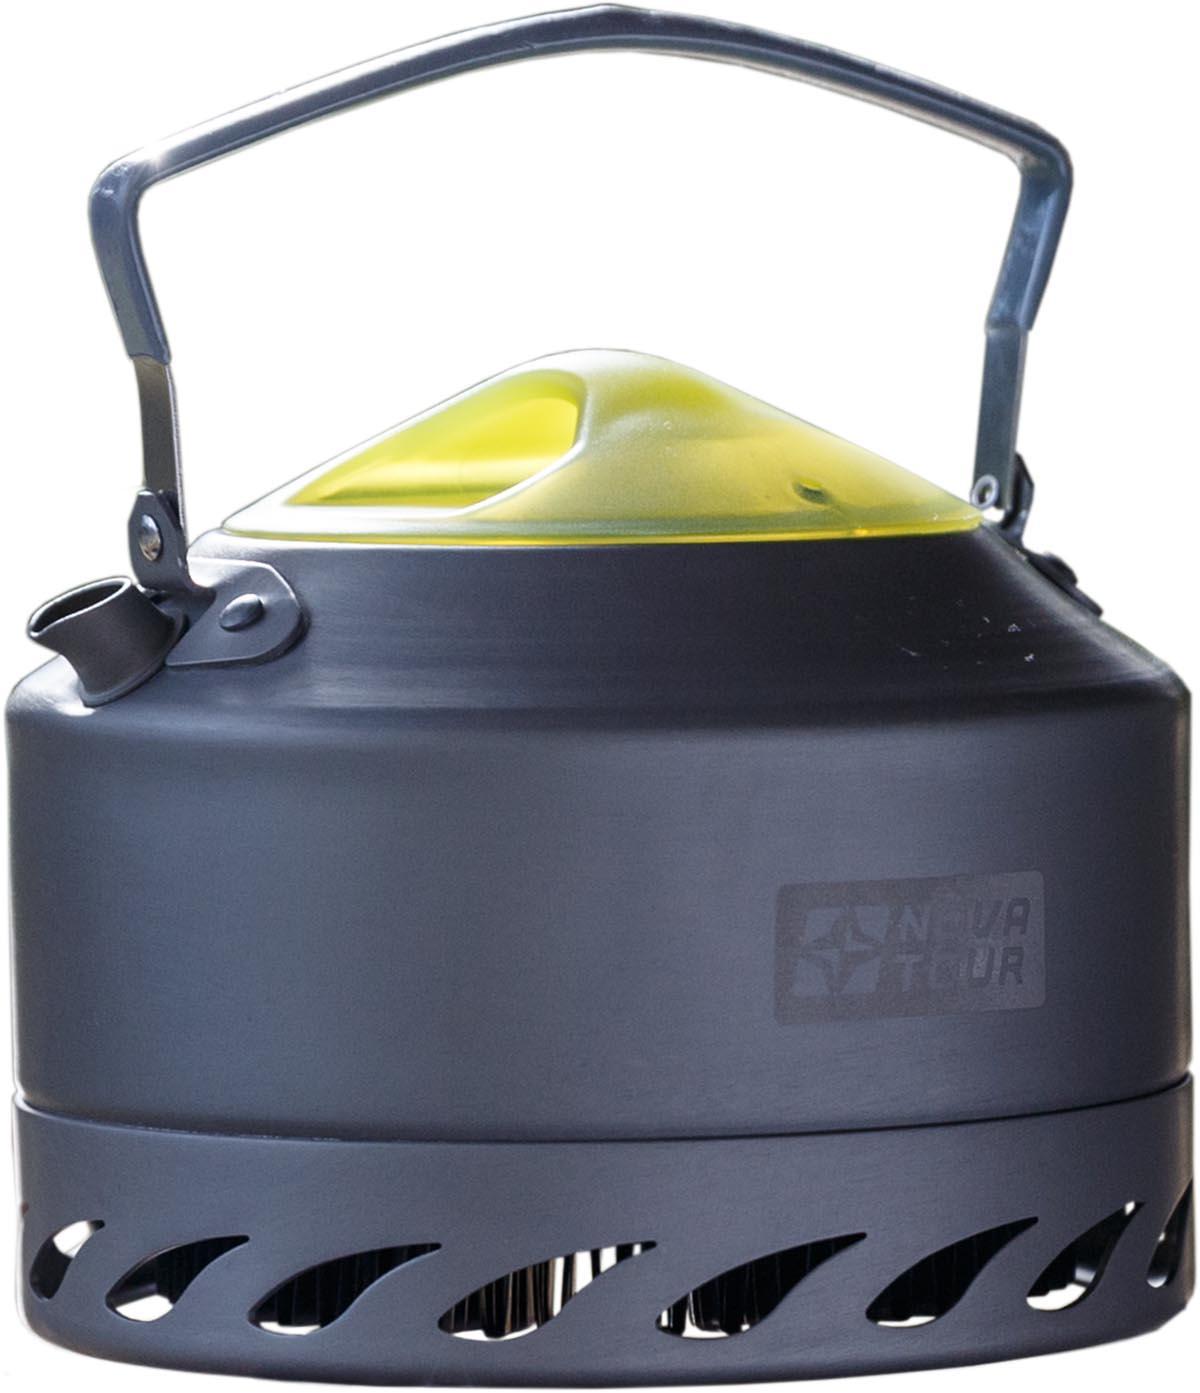 Чайник Nova Tour Инферно, 0,9 л, цвет: металлик, красный95785-000-00Чайник Nova Tour Инферно с радиаторным кольцом на дне, которое позволяет экономить до 50% топлива и уменьшить время приготовления пищи. Небольшой носик не препятствует упаковки в рюкзак.